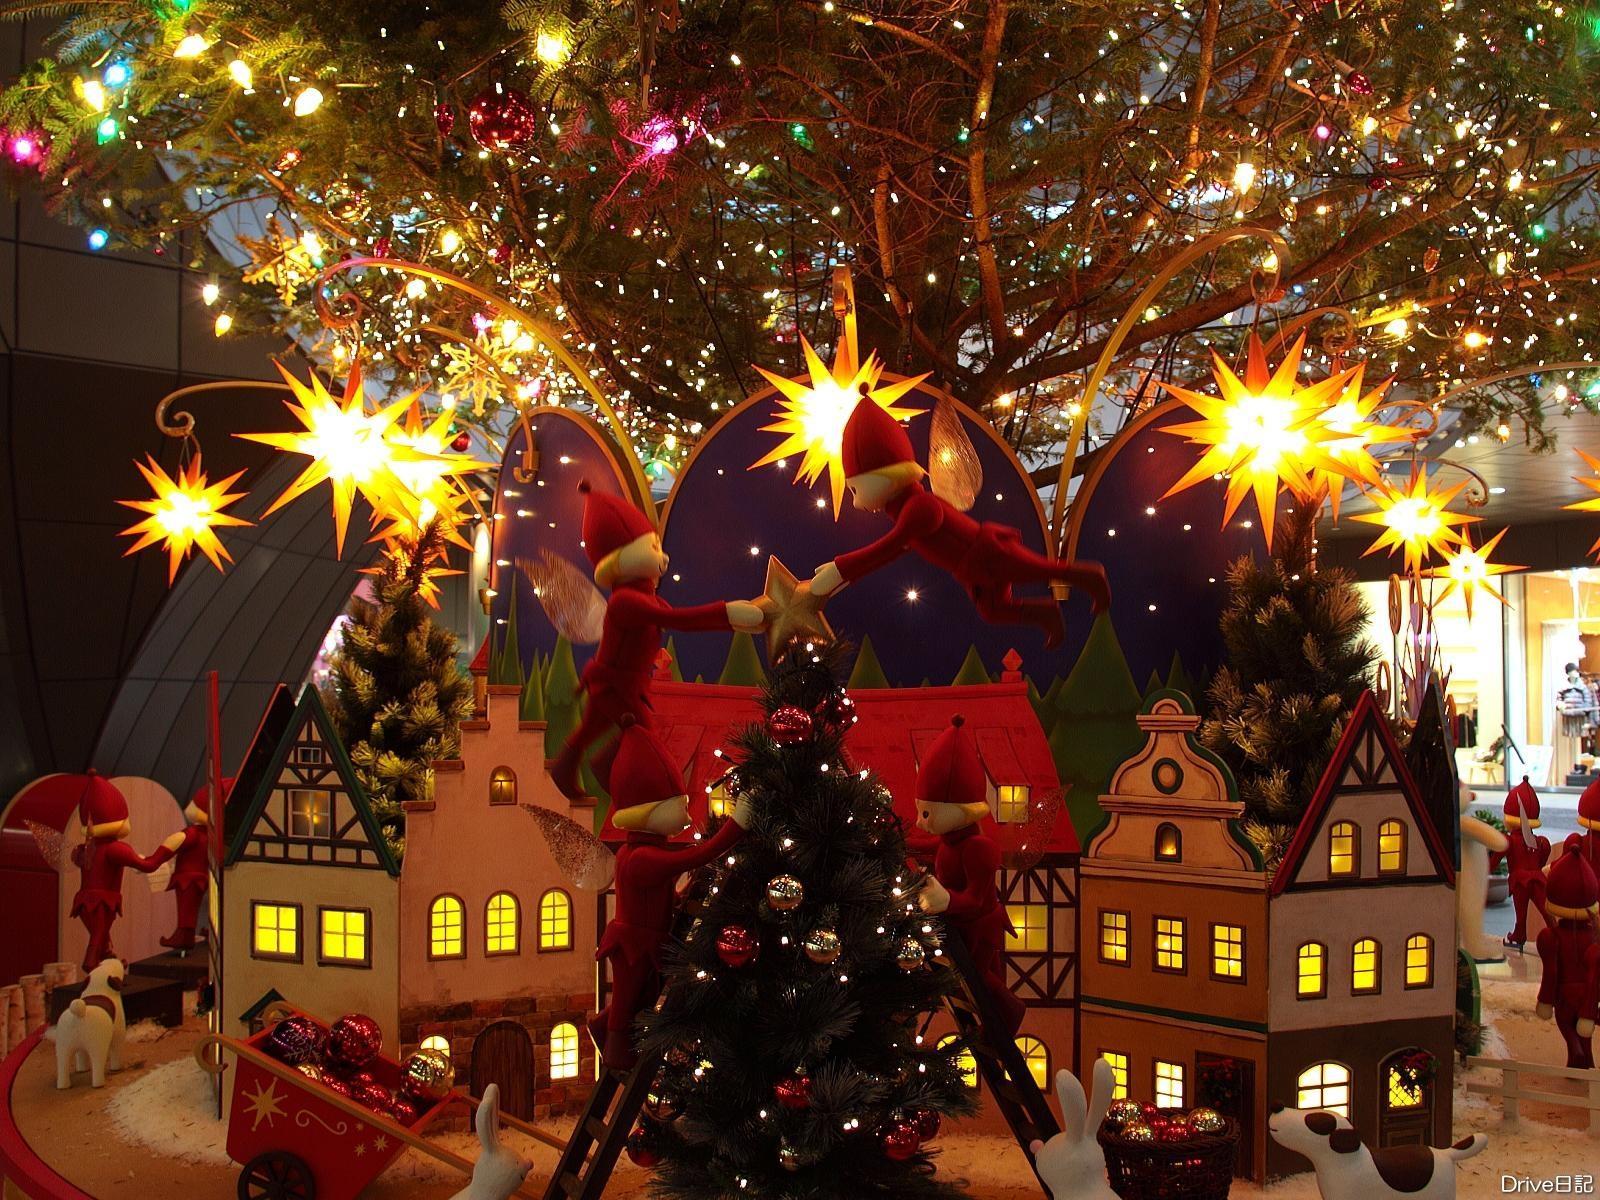 праздник поезд игрушка ель рождество новый год скачать